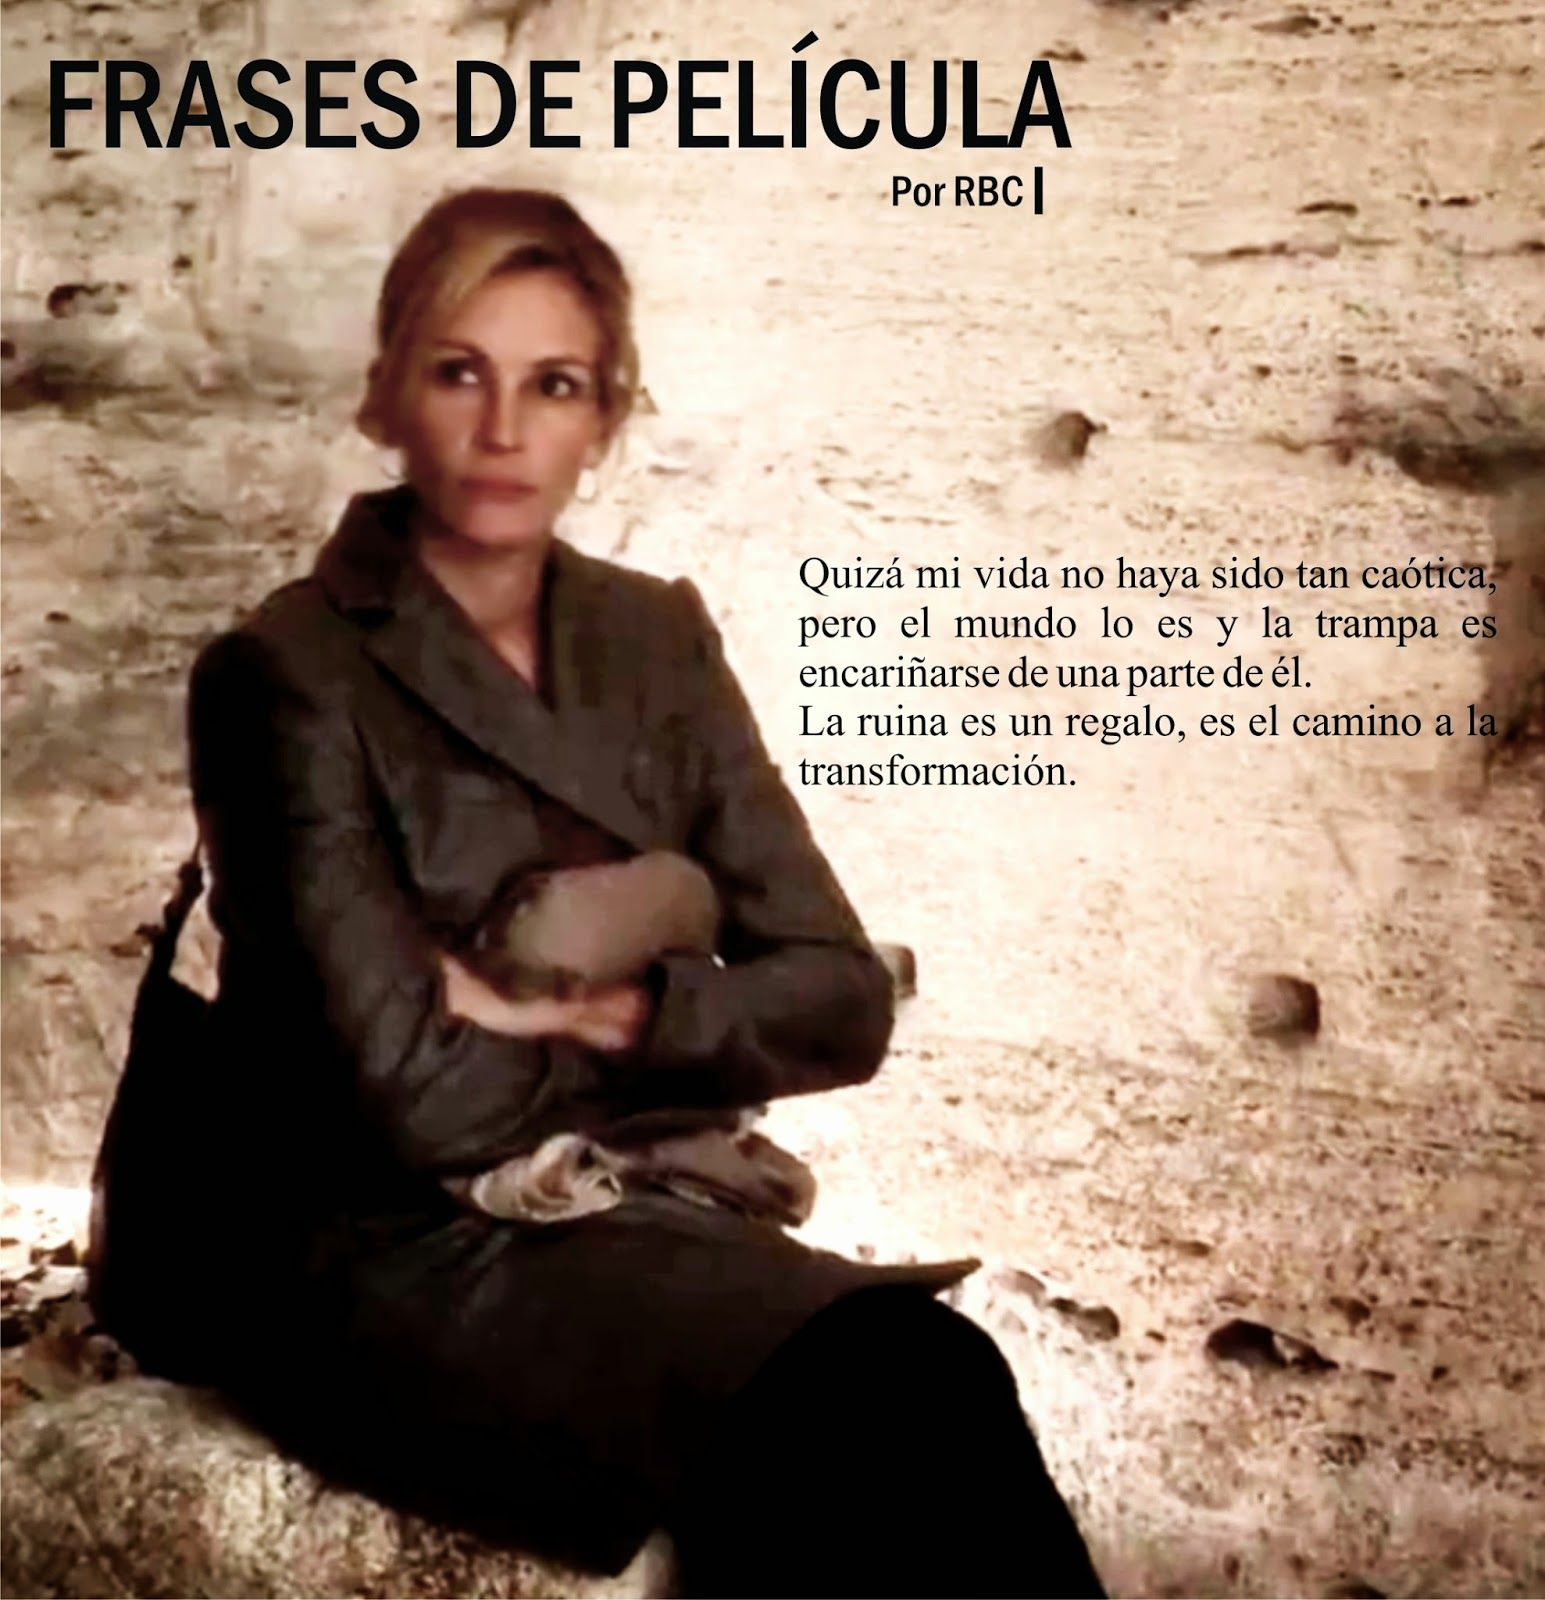 Emblogrium Revista 2015 Frases De La Película Comer Rezar